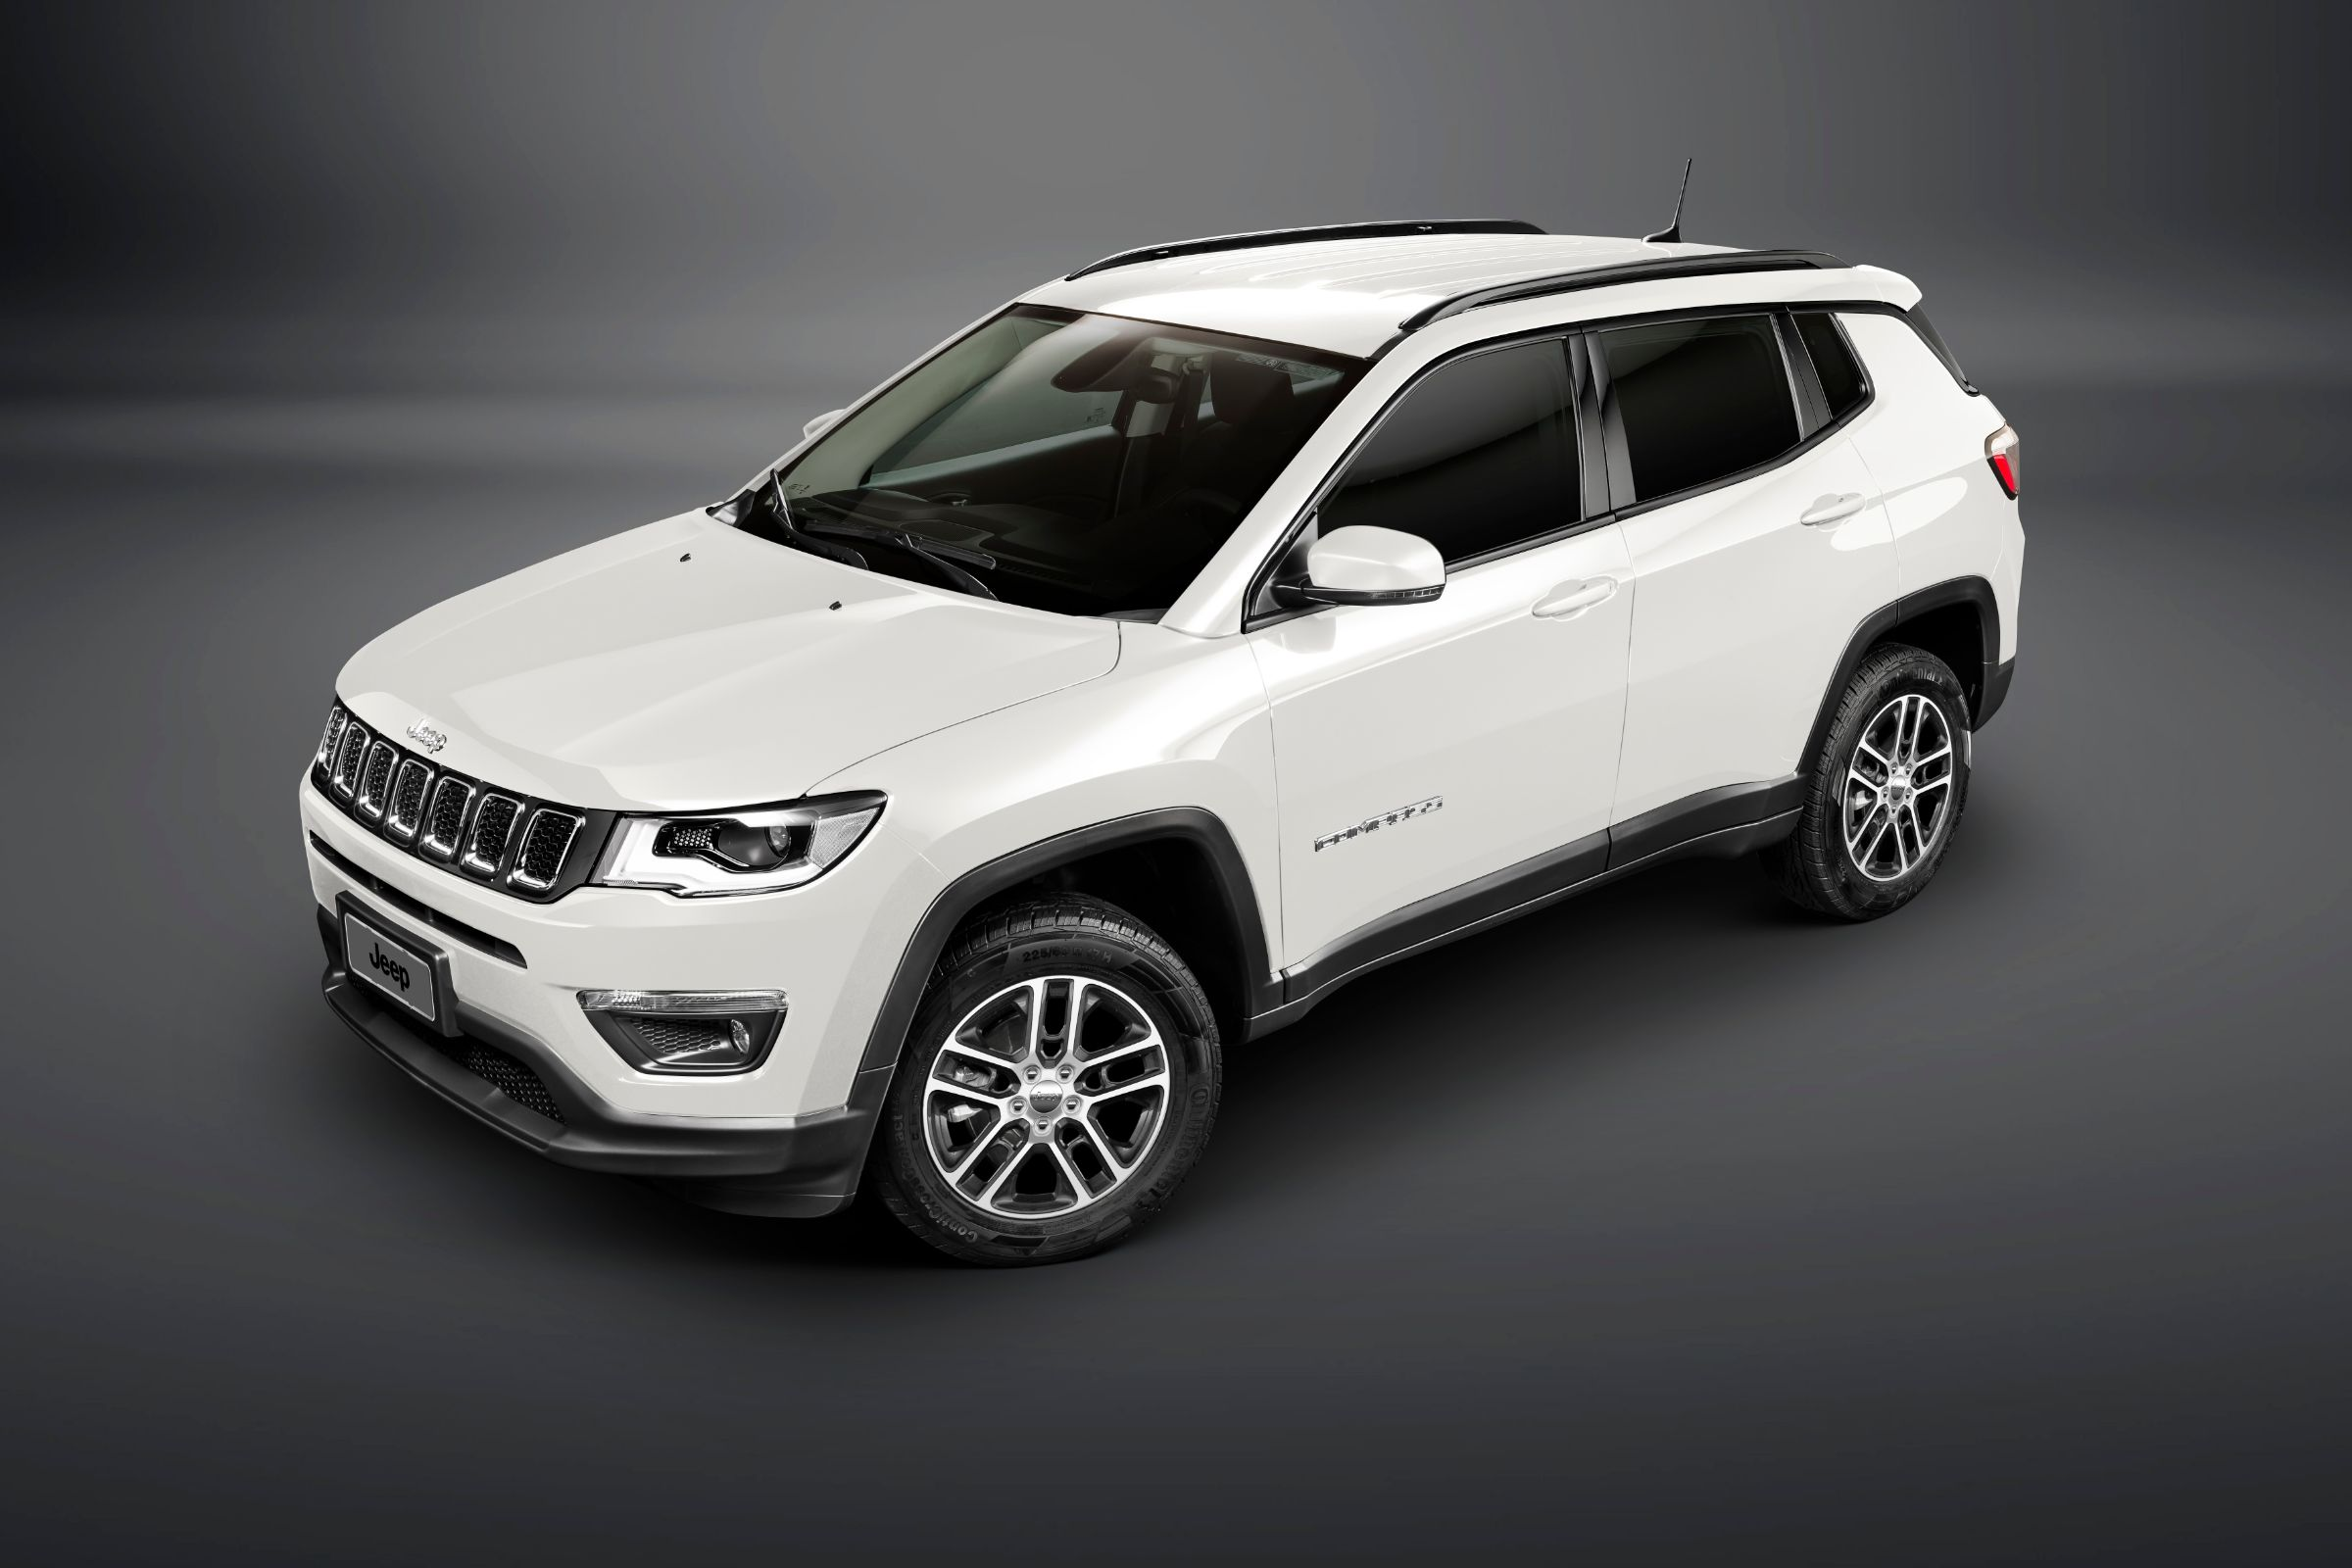 Mercado automobilístico segue em alta; Fenabrave listou os modelos mais emplacados em outubro de 2018, saiba quais foram os carros mais vendidos no país.